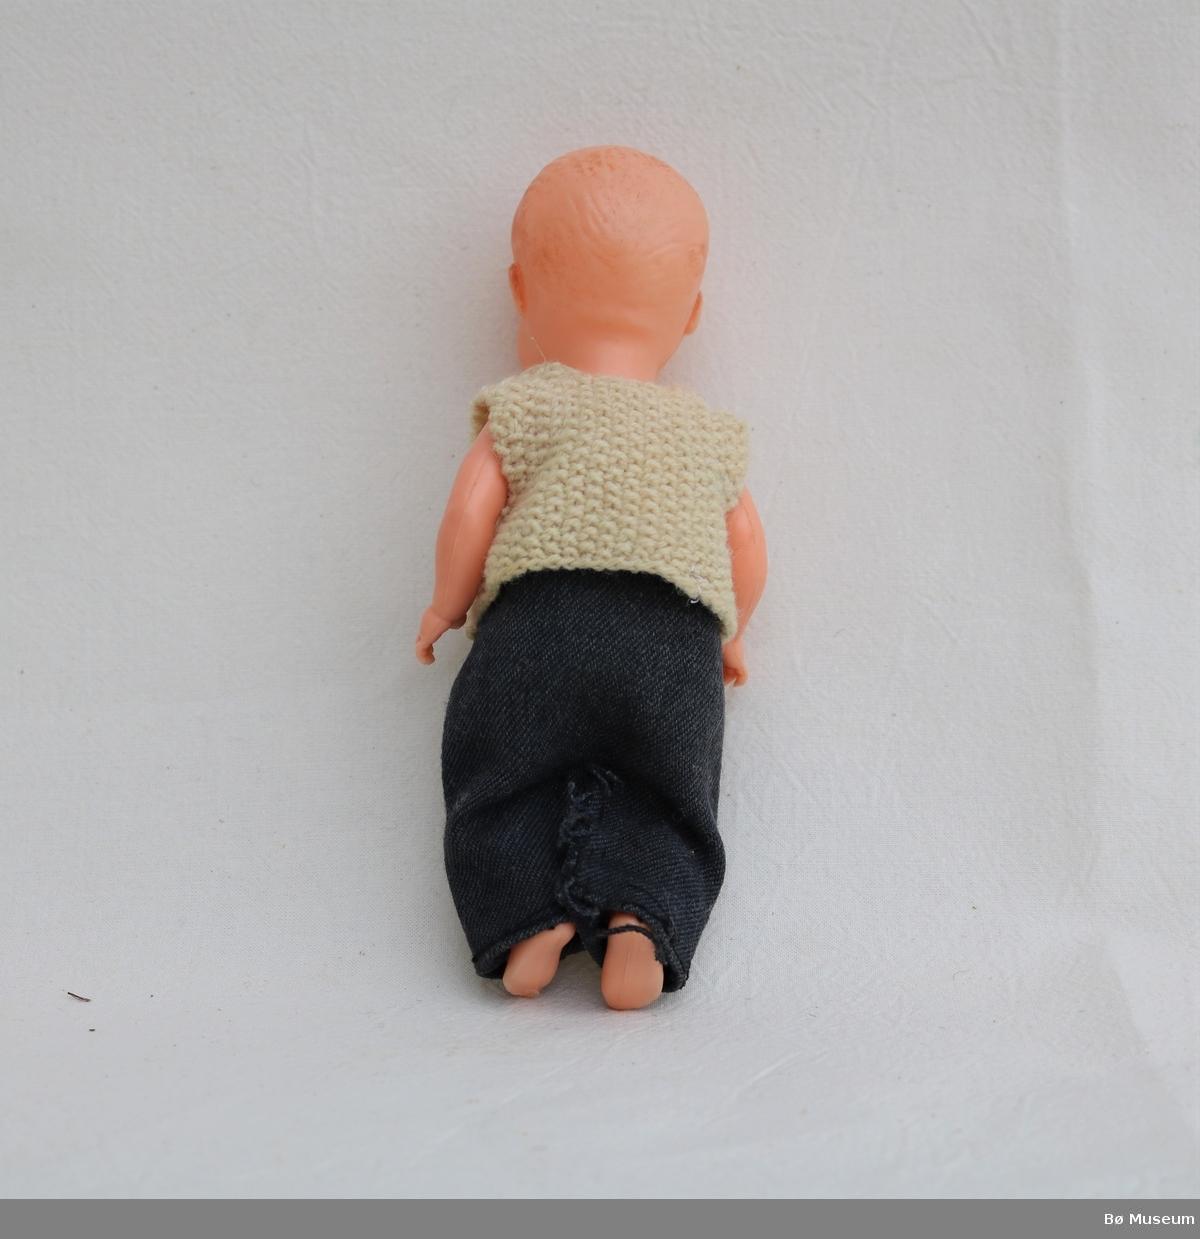 Babydokke med strikka vest og bukse. Buksa er heimelaga og grovt tråkla med trykknapp i livet. Vesten har eit hol. Dokka har måla ansikt og hår der fargen er nesten heilt slitt vekk. Innfelte auge. Armar og bein er bevegelege.